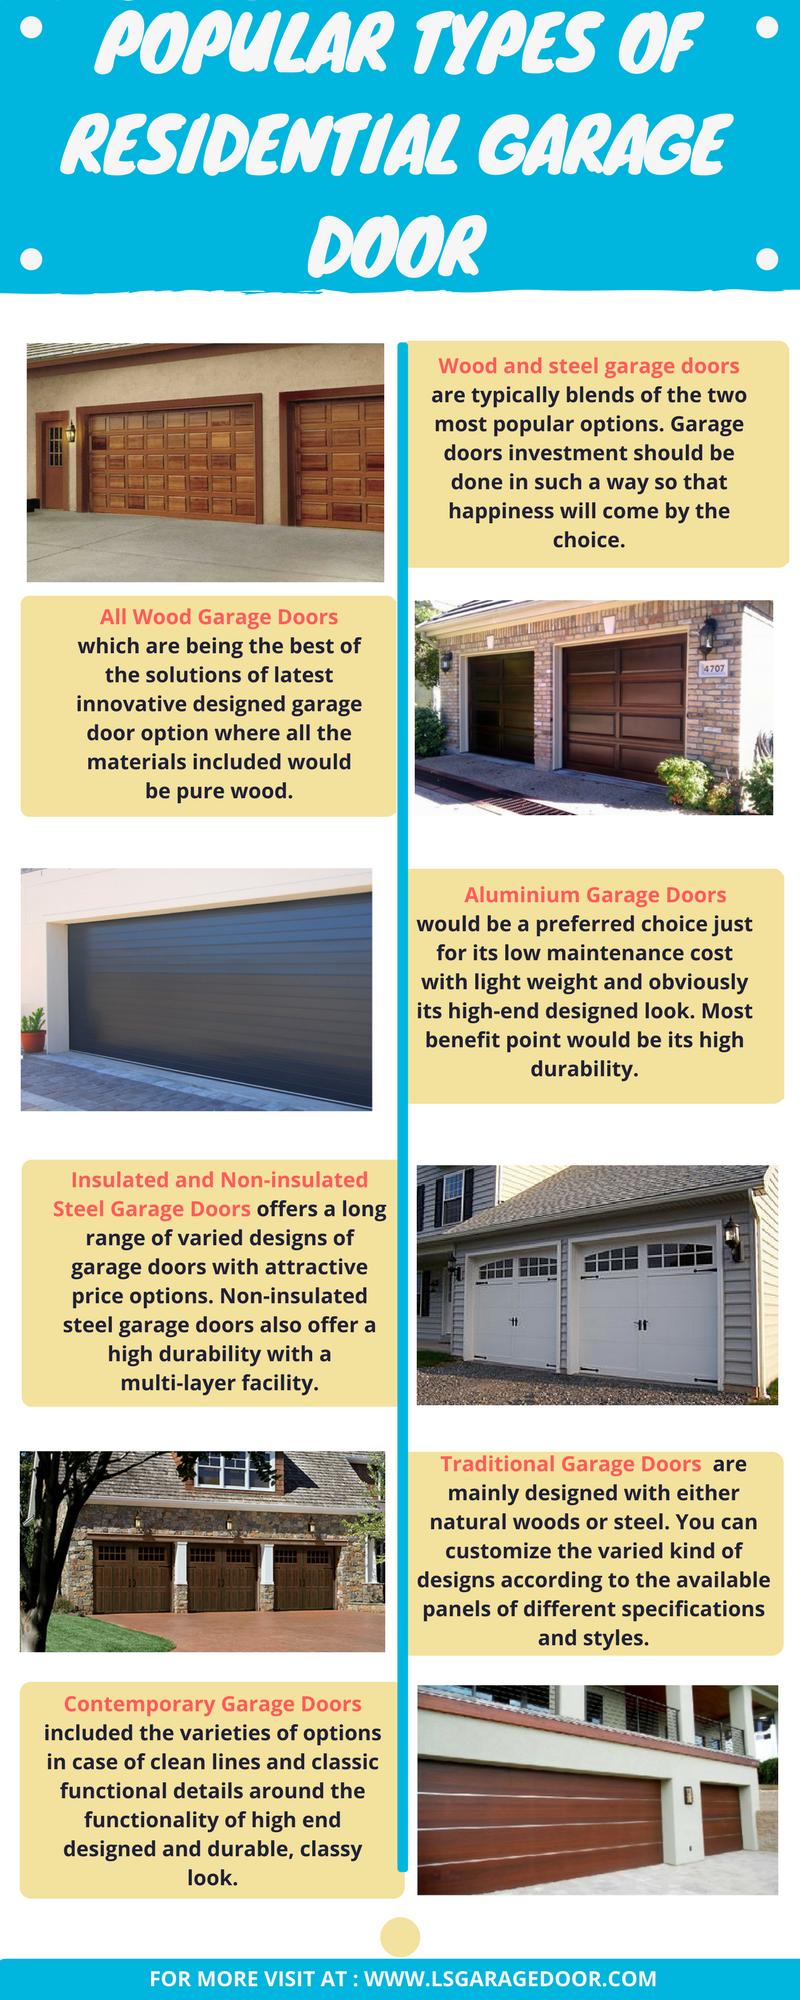 Local Garage Door Repair Fullerton, CA